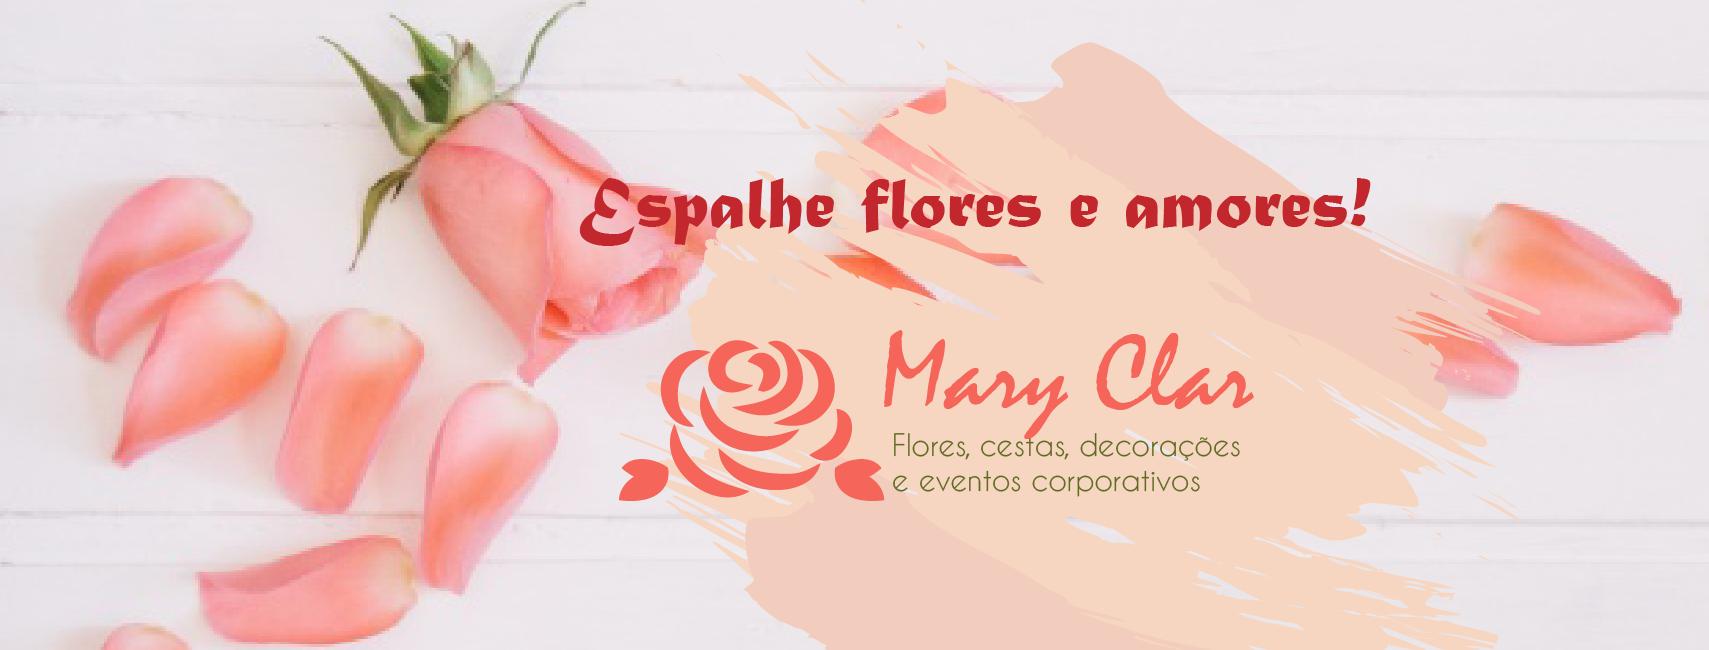 Floricultura Mary clar